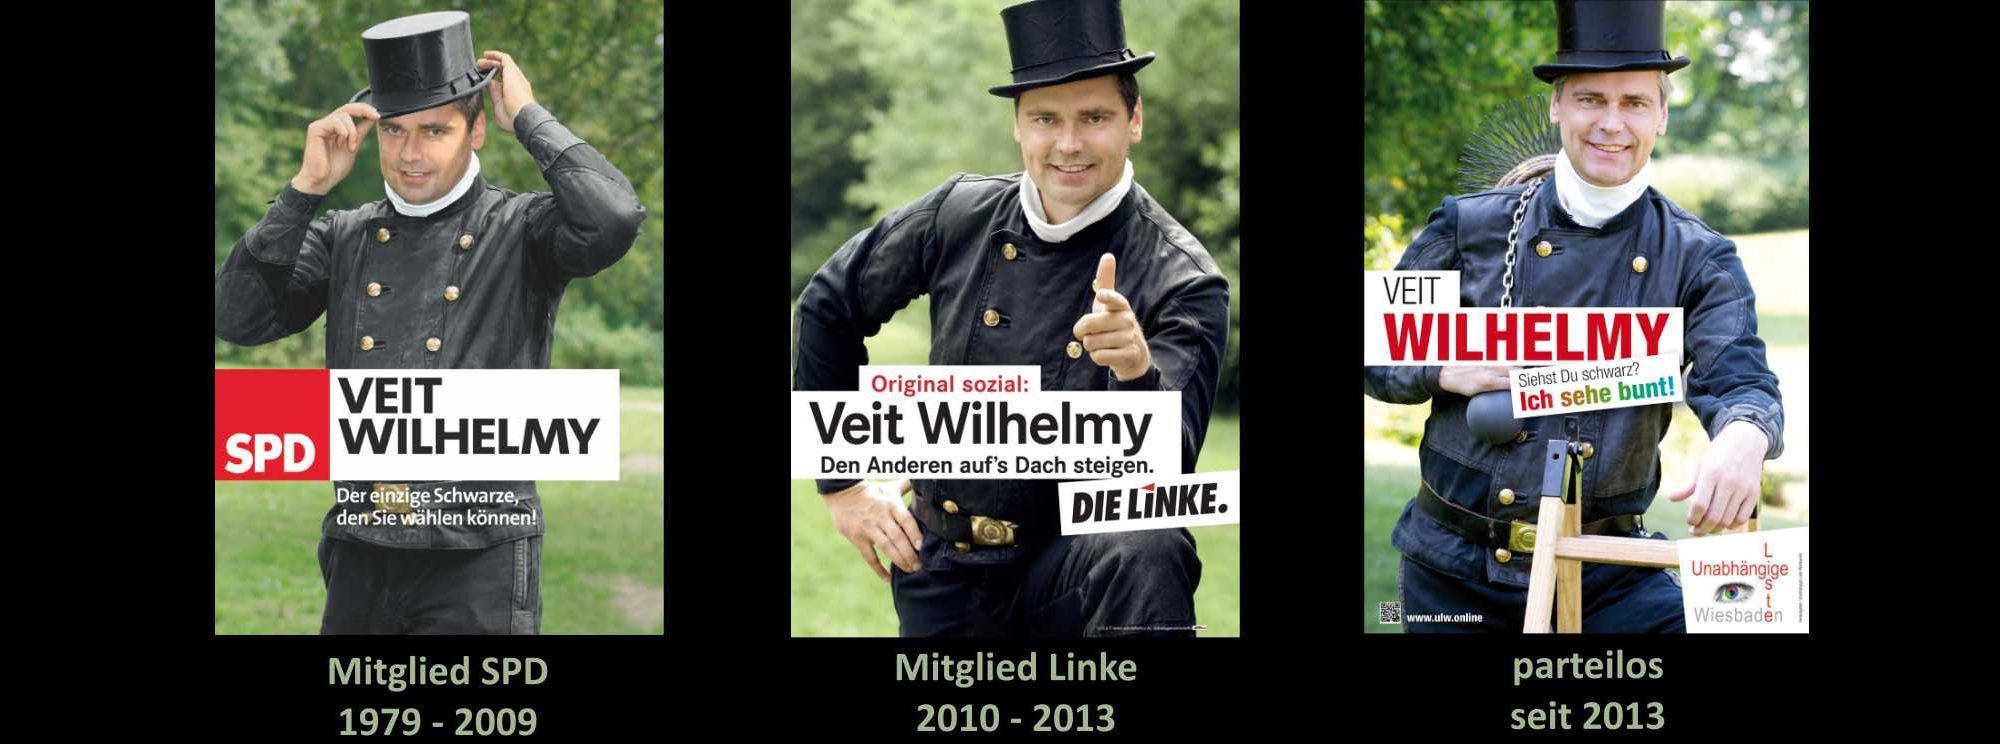 dreimal Veit Wilhelmy als Mitglied der SDP, Linken und parteiloser